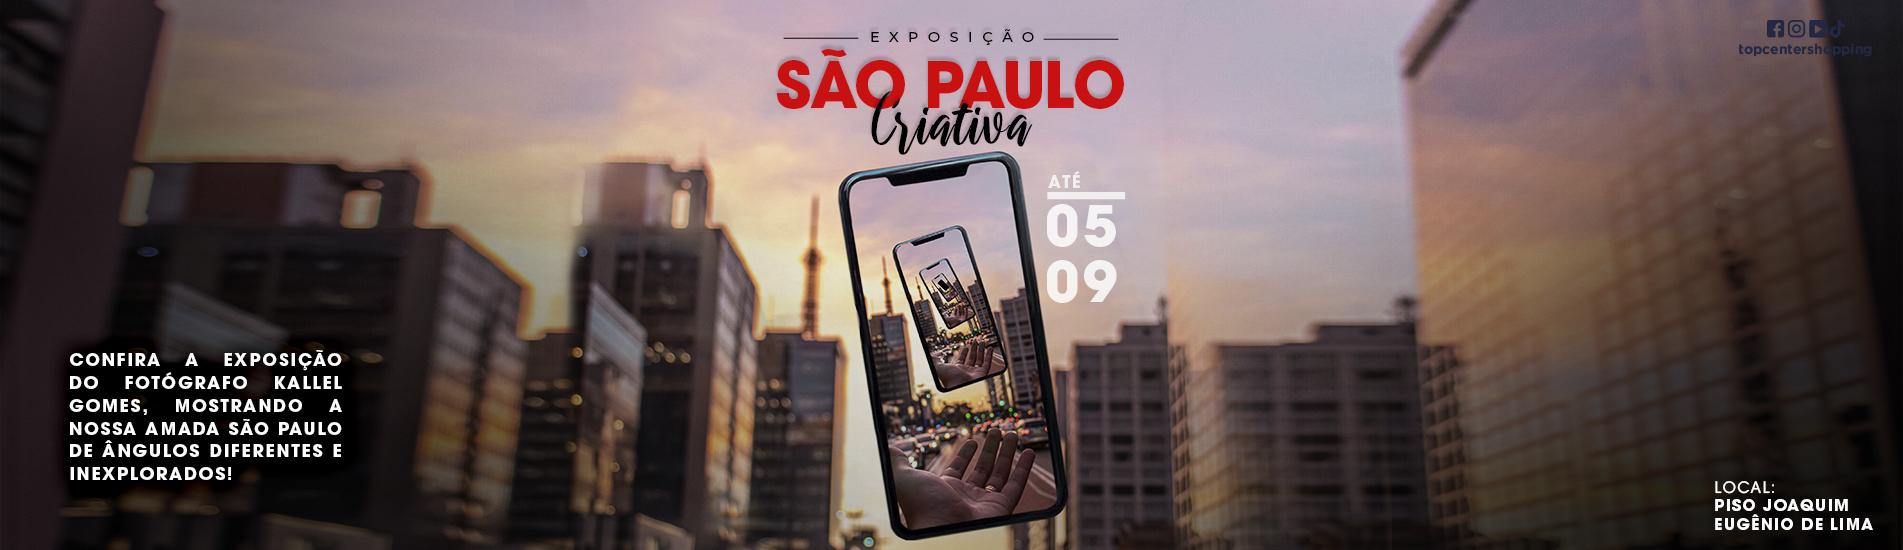 Exposição São Paulo Criativa